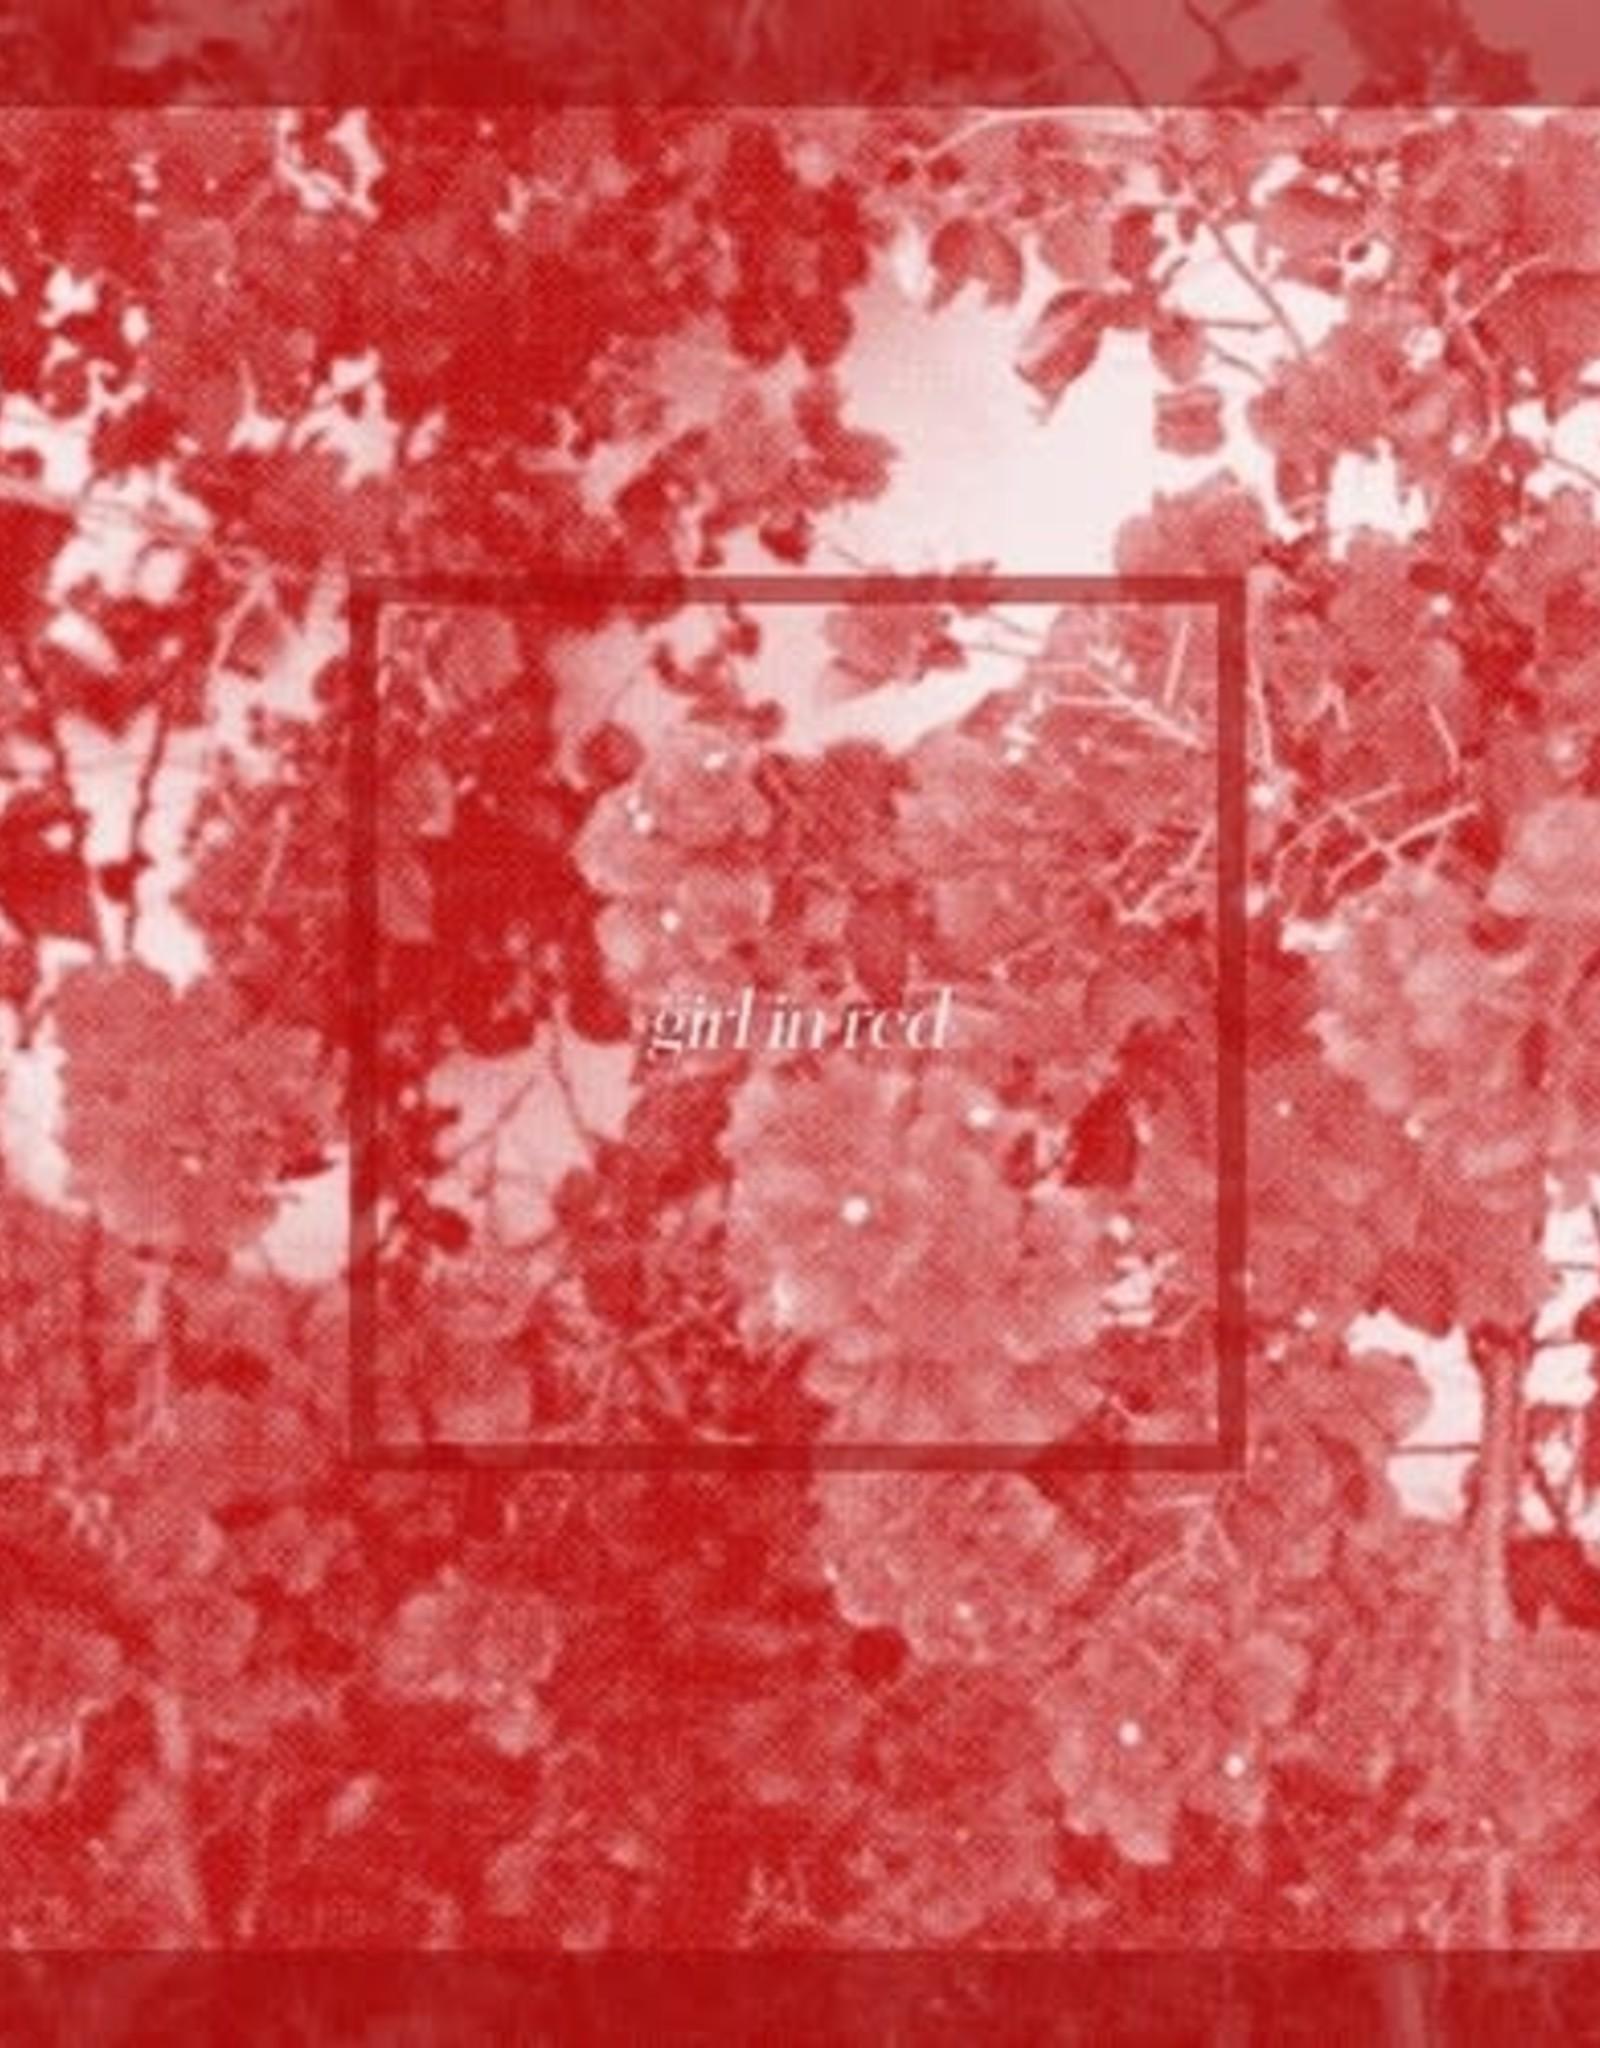 girl in red - Beginnings (Red Vinyl)